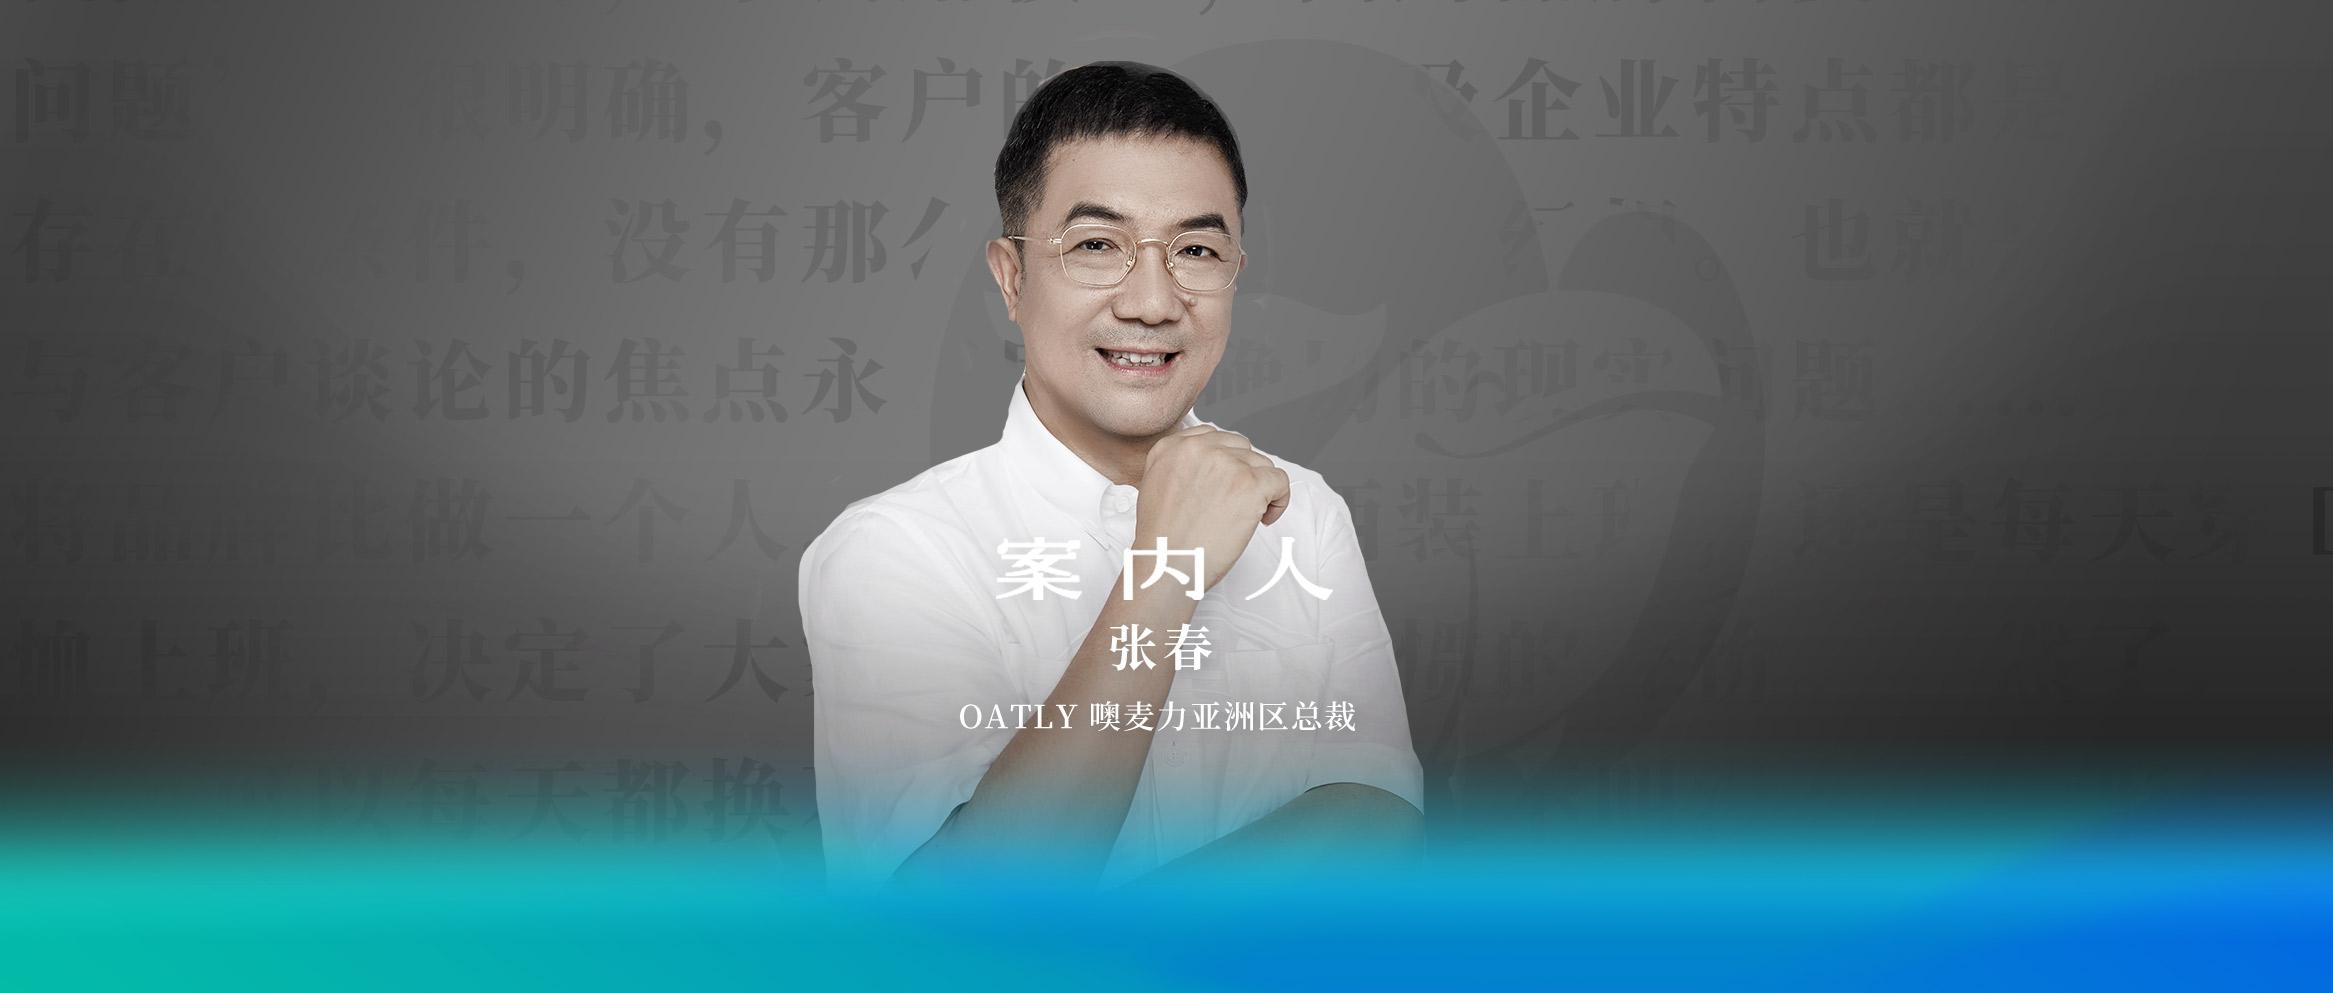 对话OATLY亚洲总裁David Zhang:引领赛道与跑出规模的背后